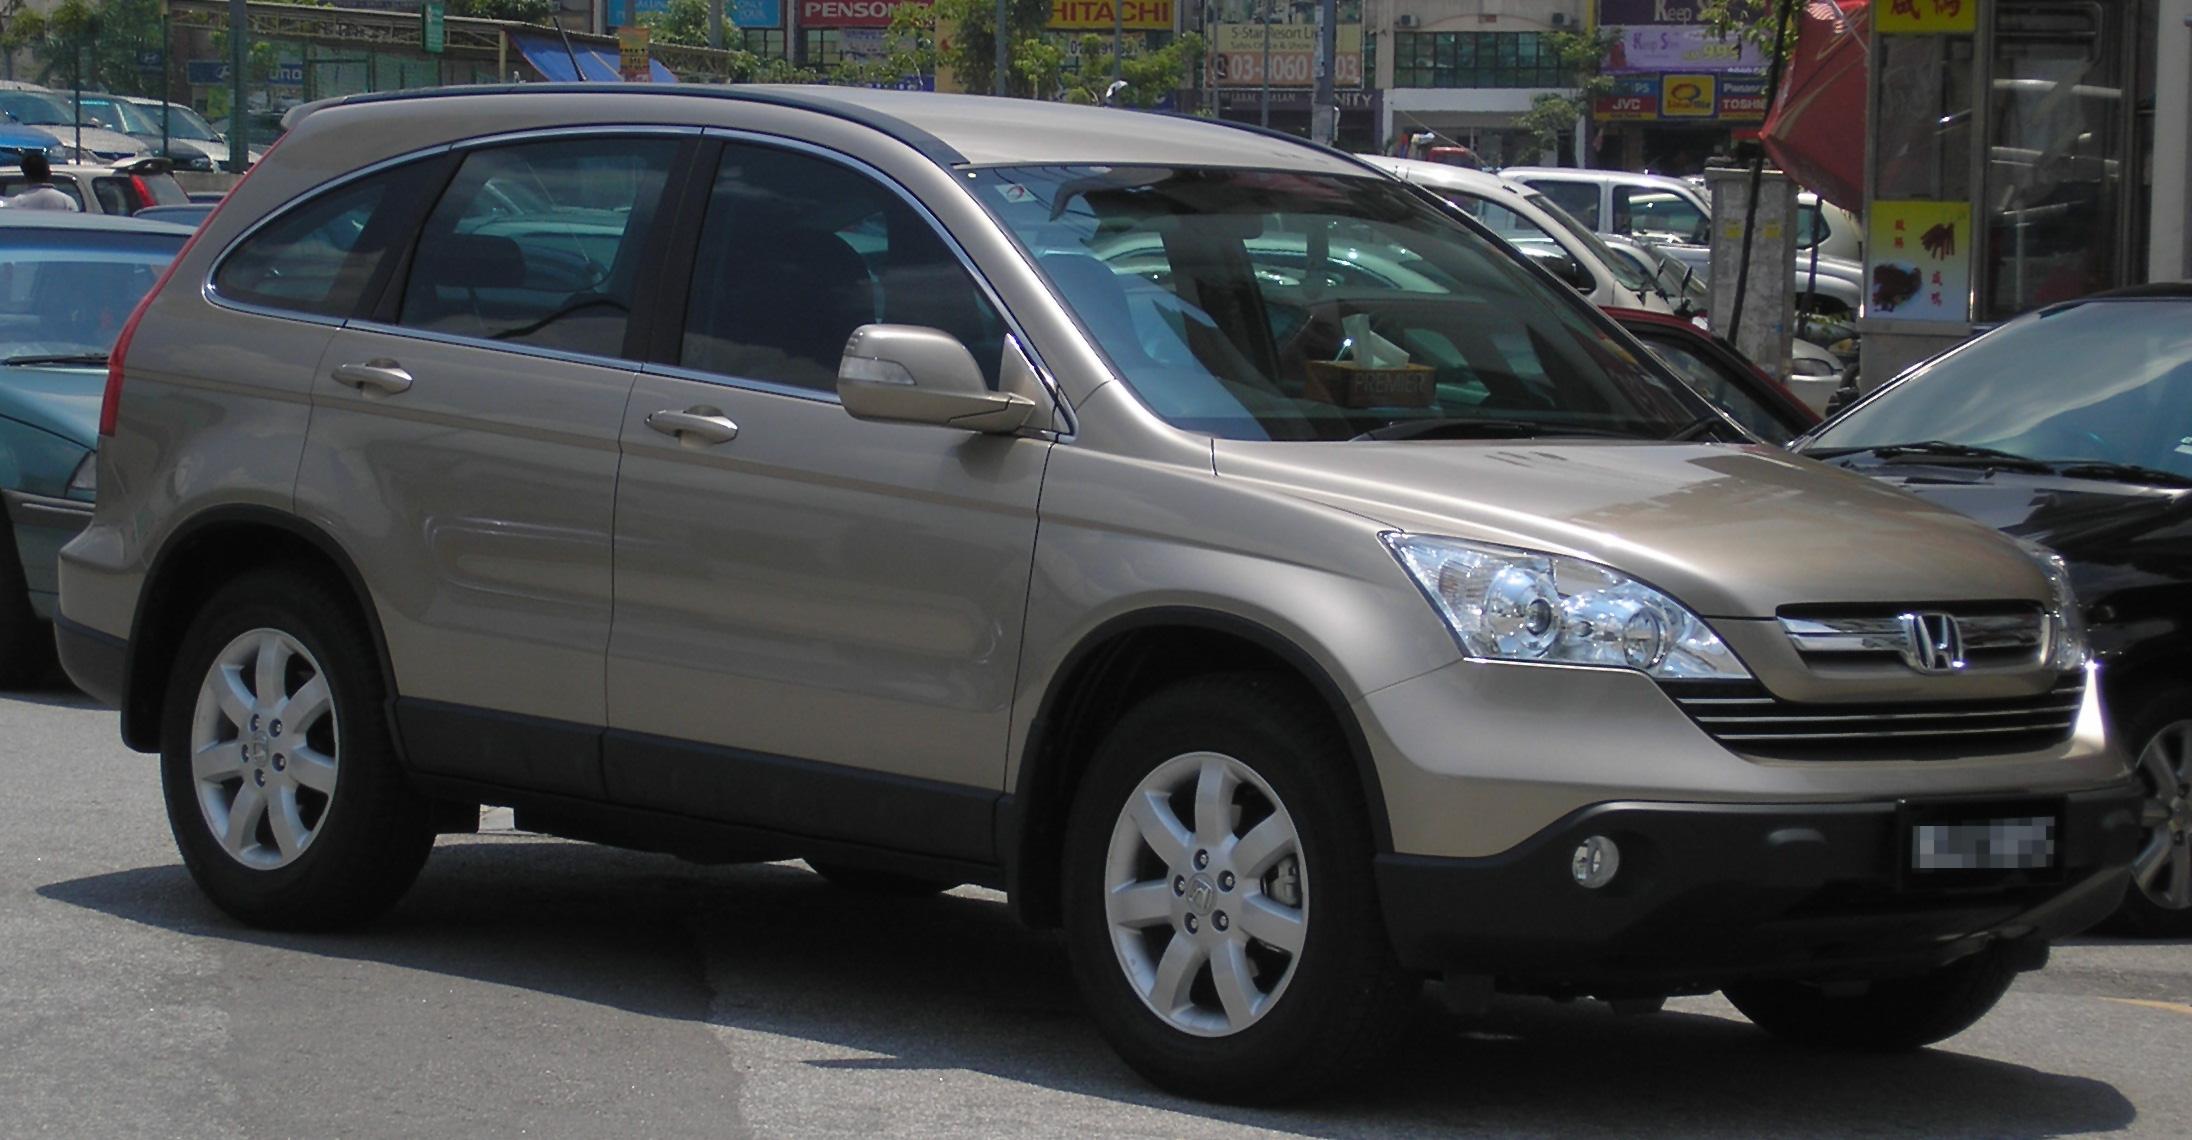 Хонда срв 2007 фото